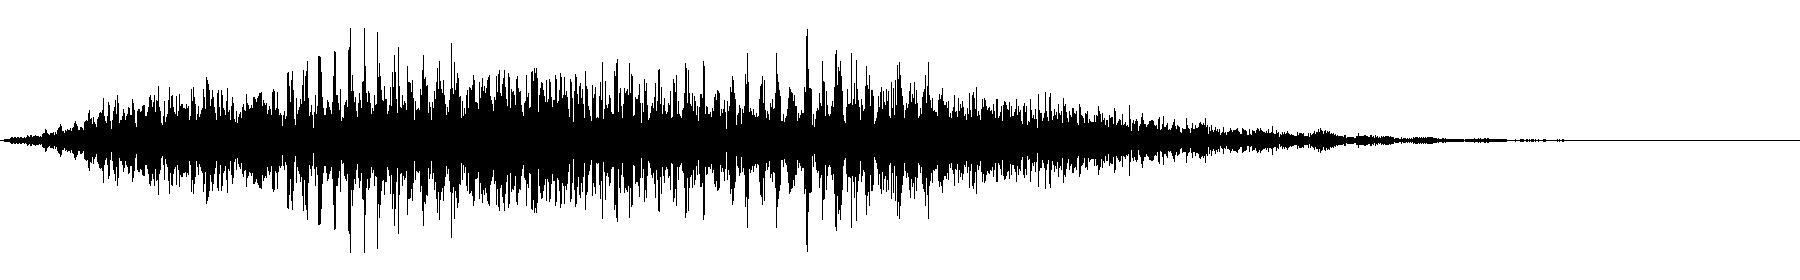 bluezone xworld sound 066